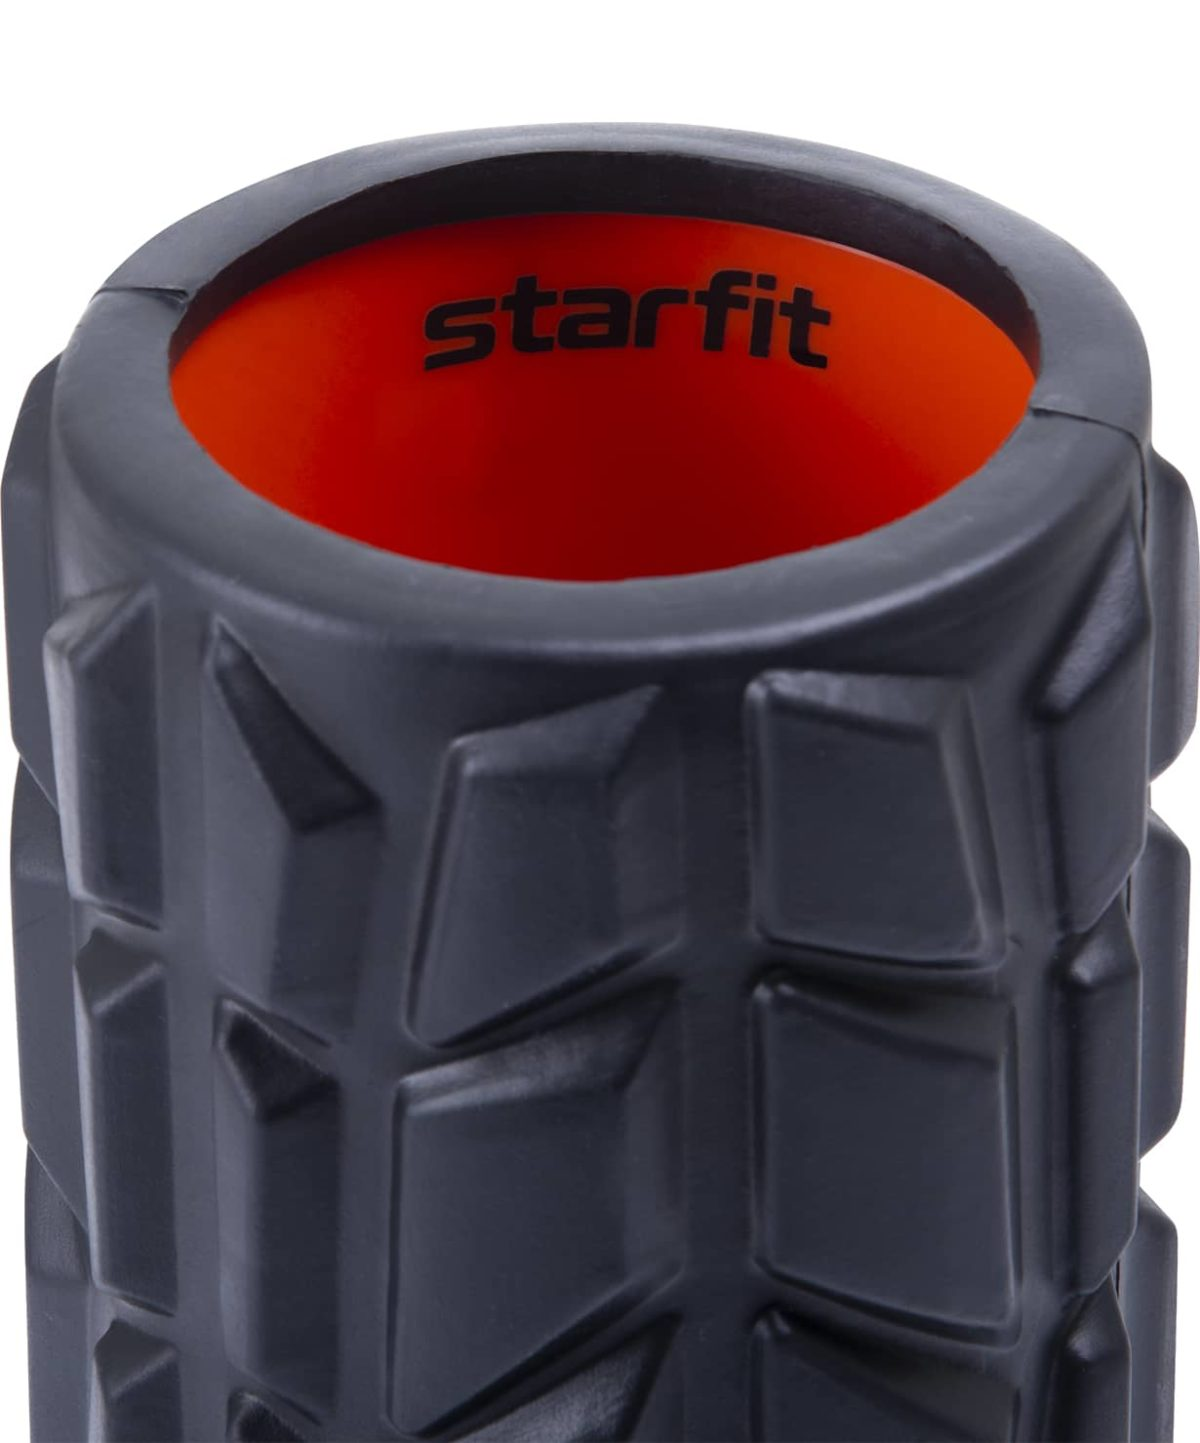 STARFIT Ролик массажный, высокая жесткость  FA-509 - 3